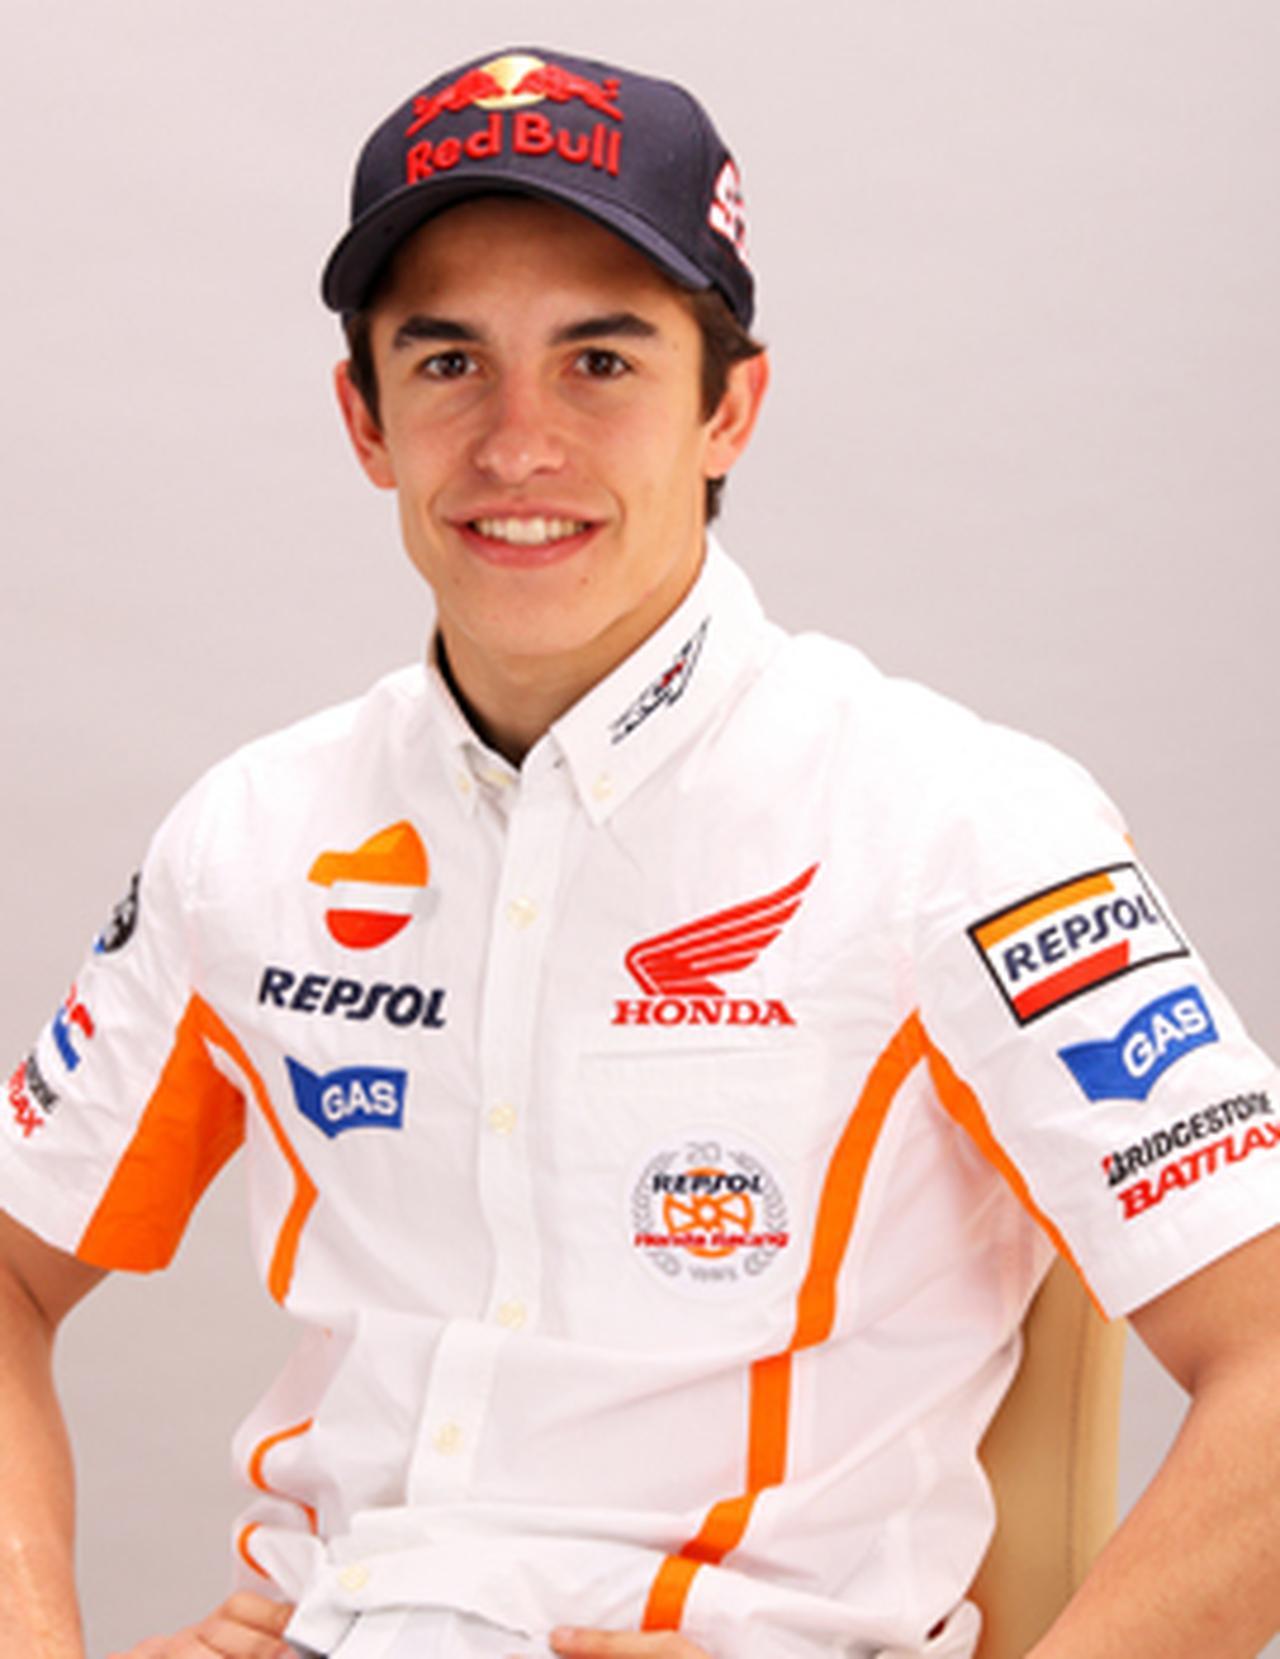 画像: イケメンオートバイレーサー、マルク・マルケスは私生活でもスポーツ万能だった! - A Little Honda